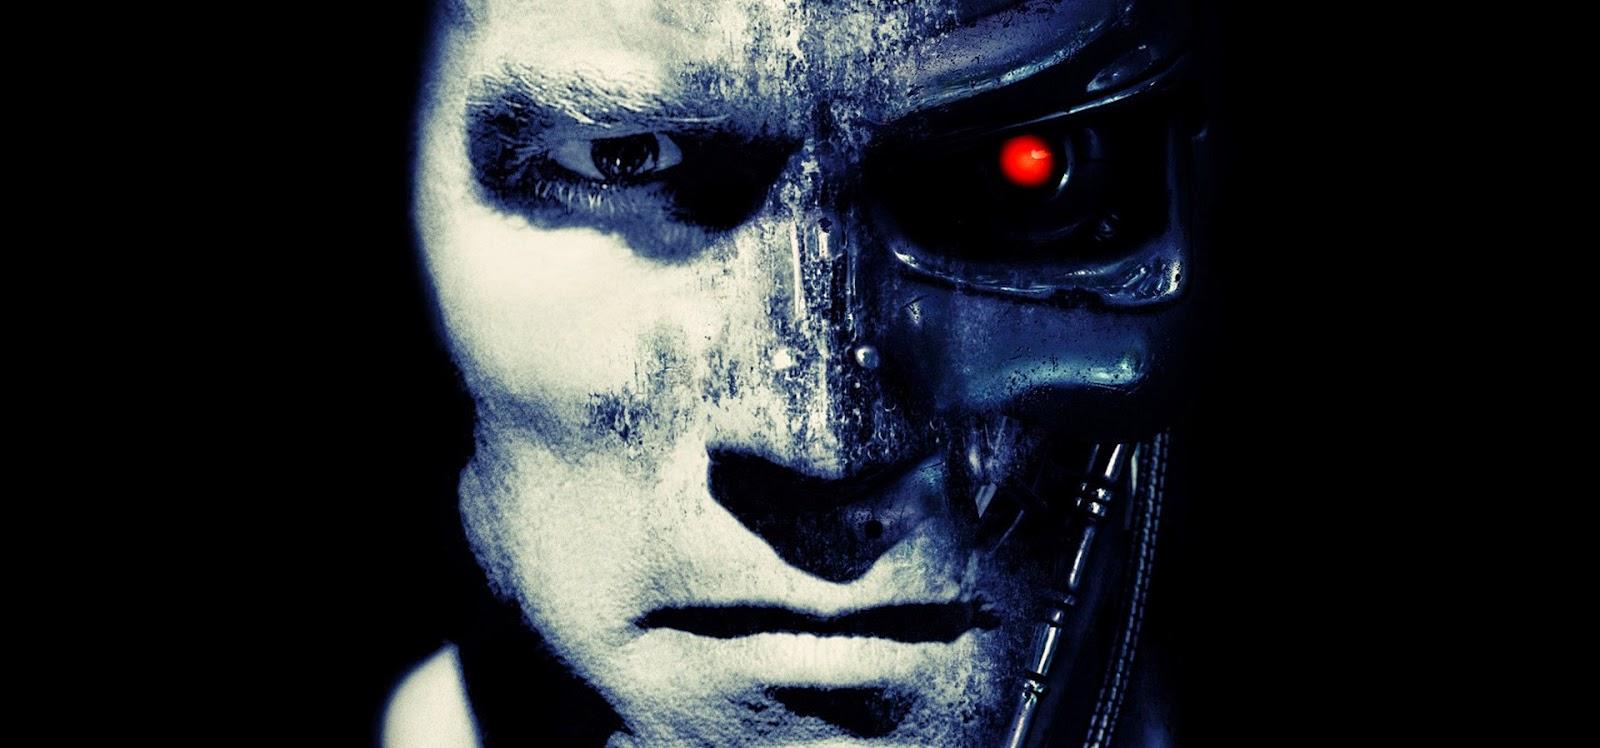 Paramount anuncia datas de lançamentos para sequências de Terminator: Genisys